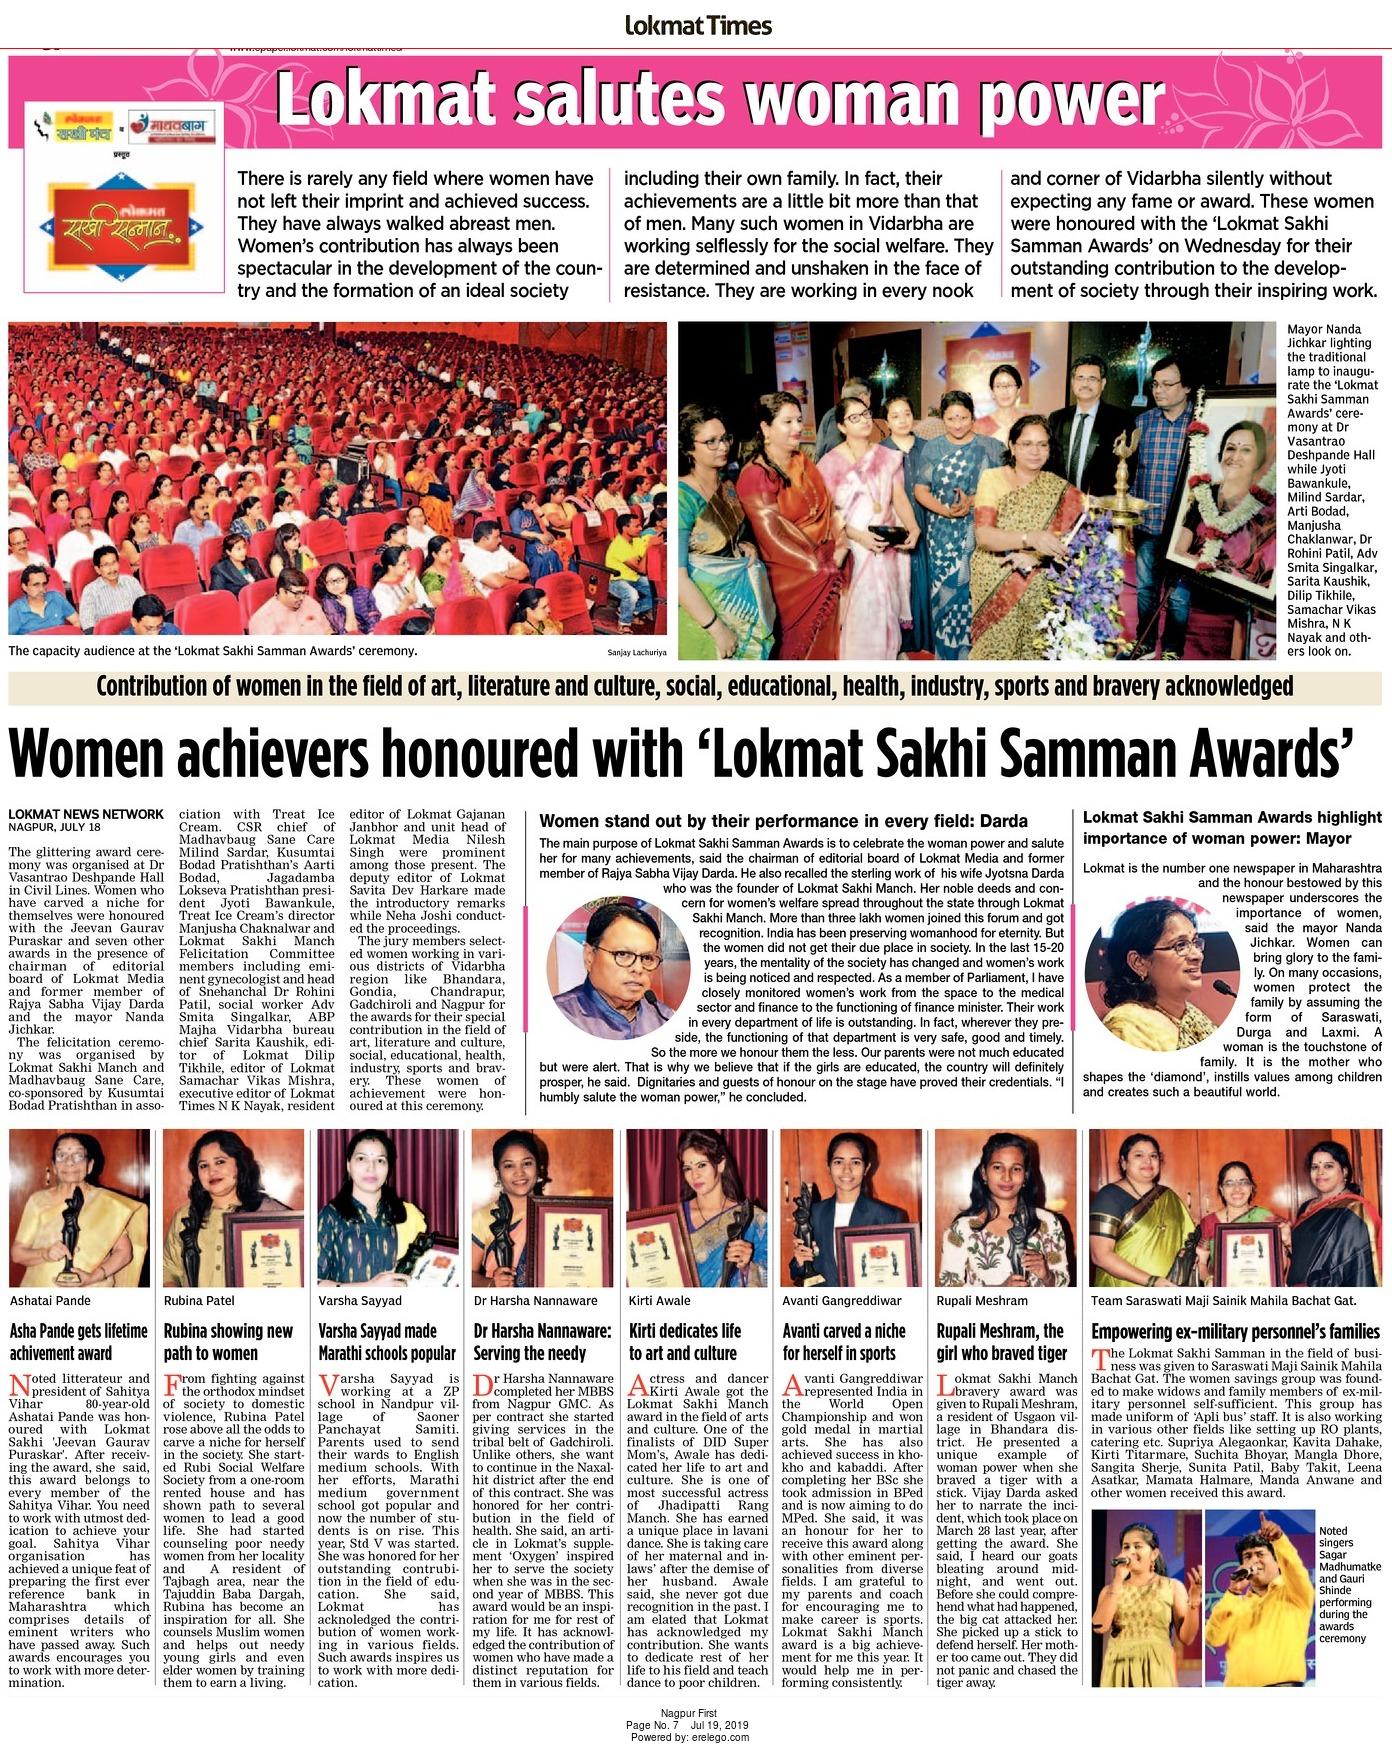 Women achieves honoured with 'Lokmat Sakhi Samman Awards'.